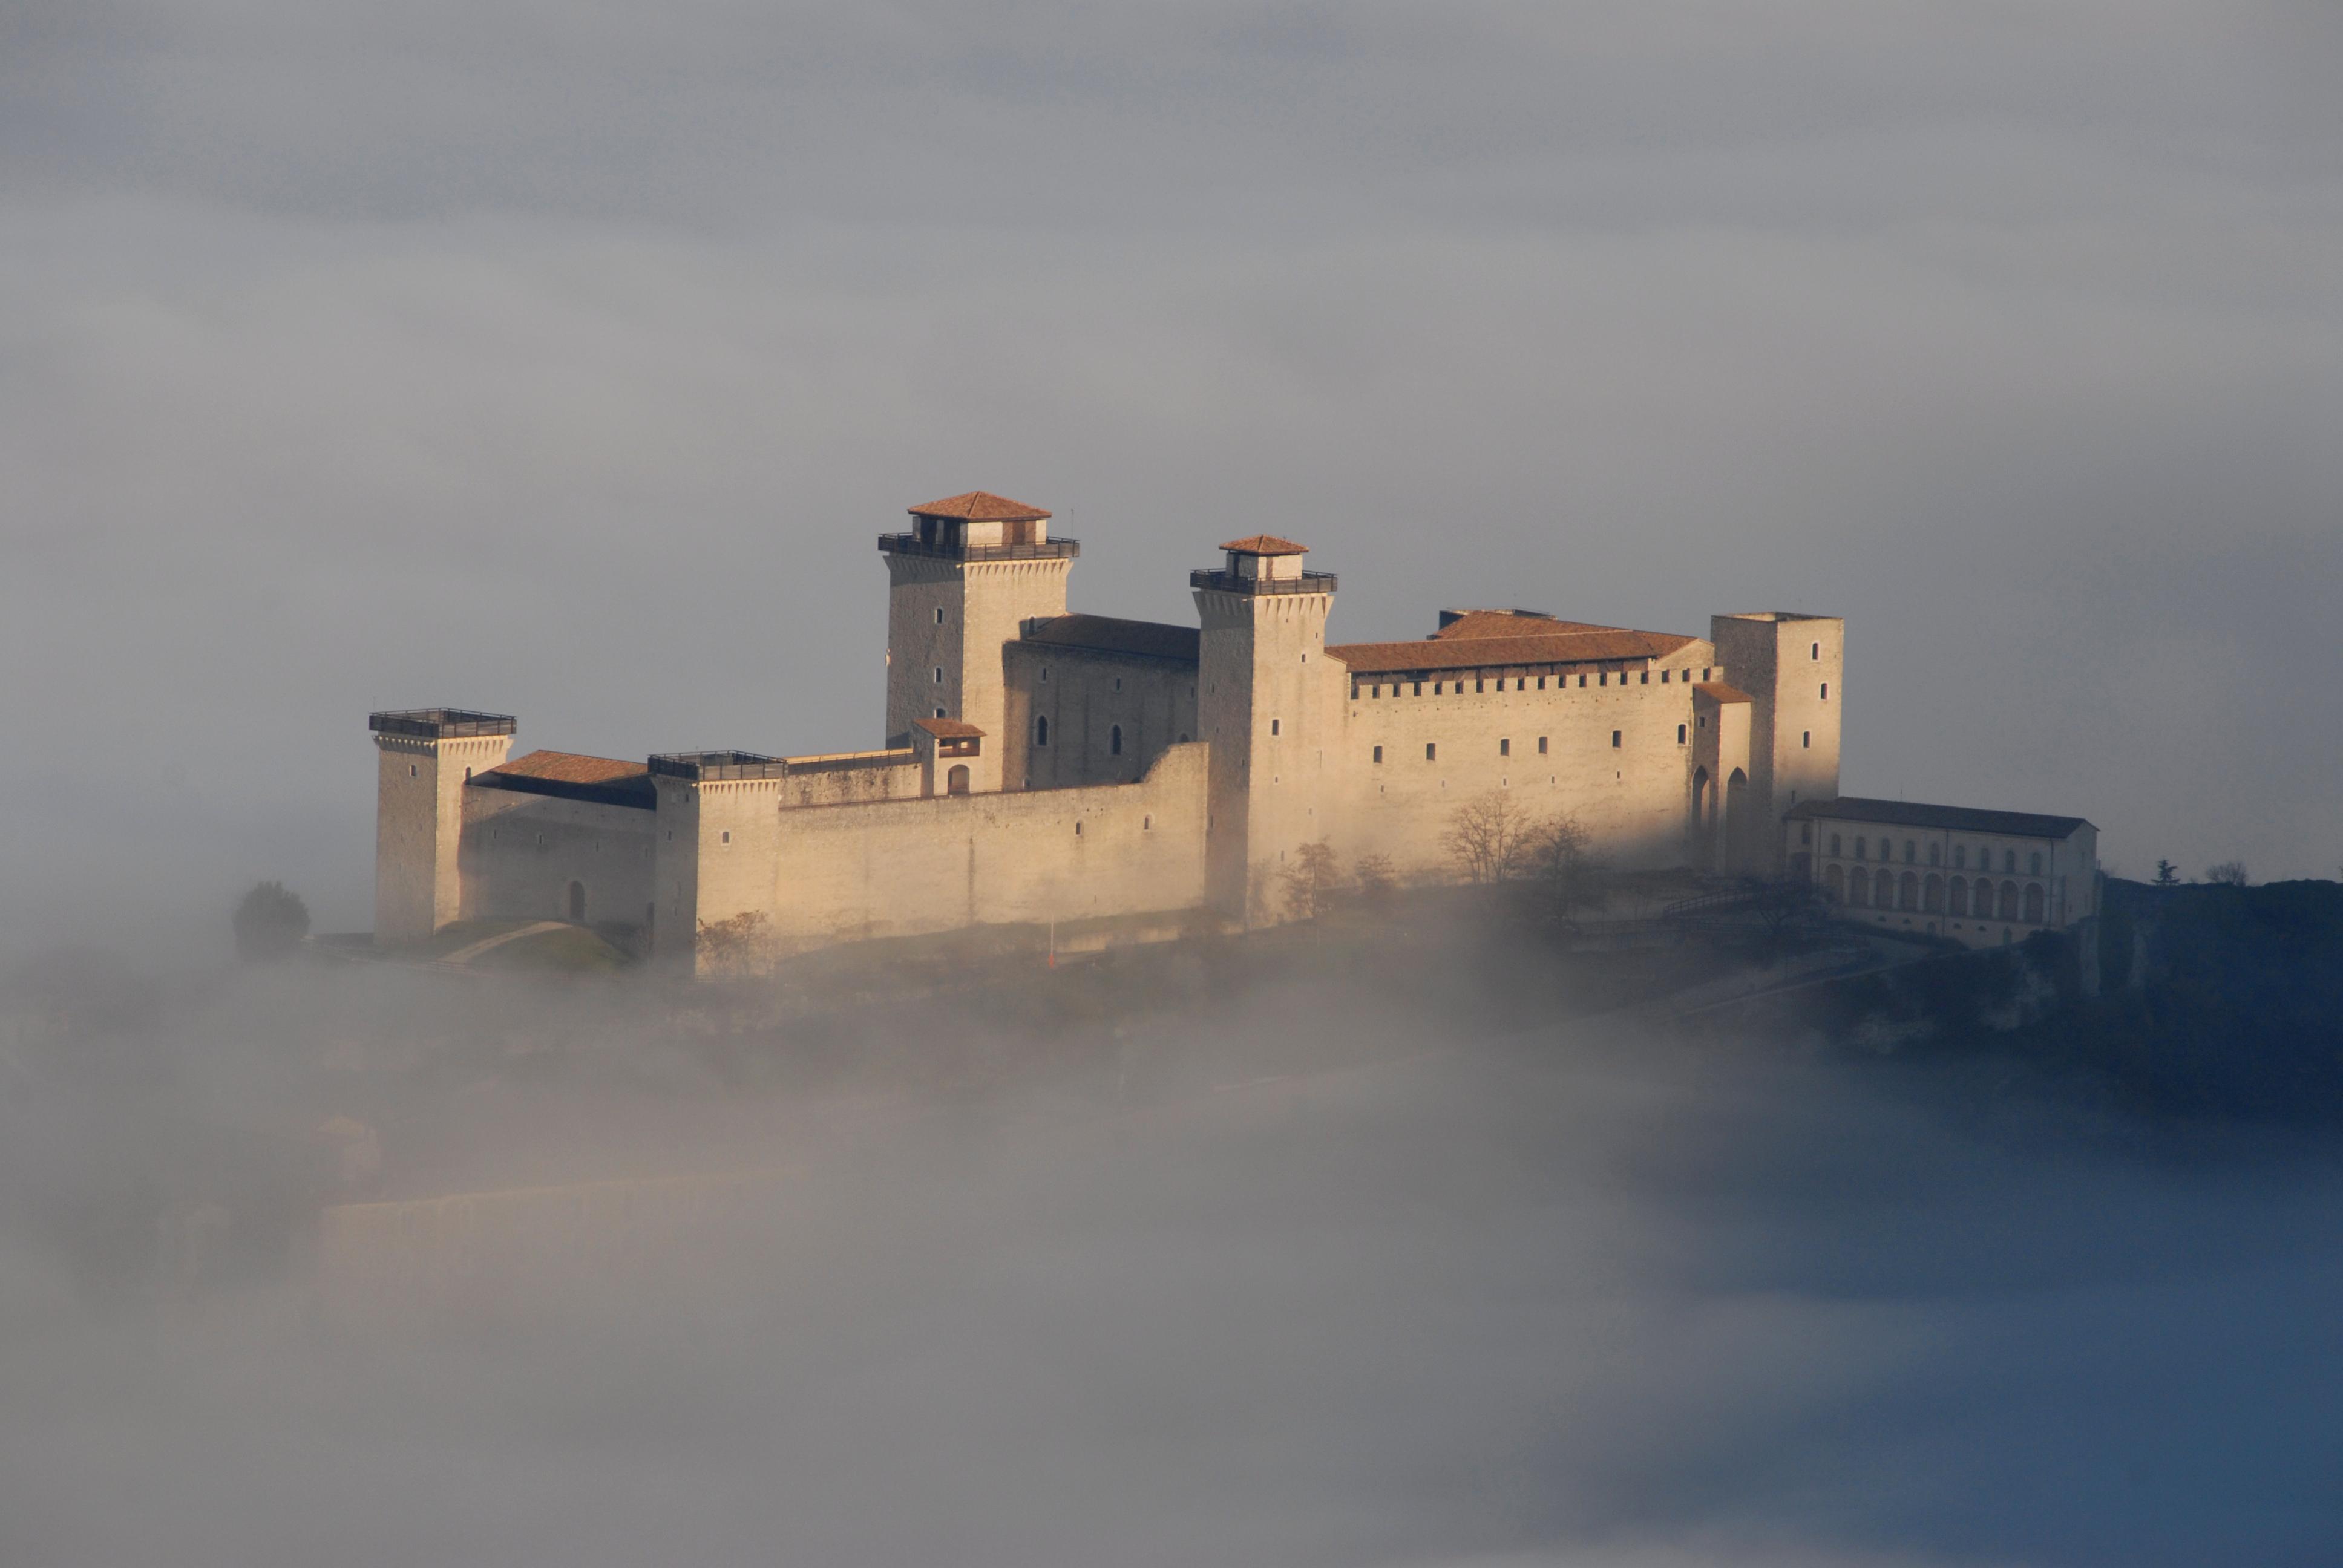 Il potere pontificio svetta sulla città di Spoleto